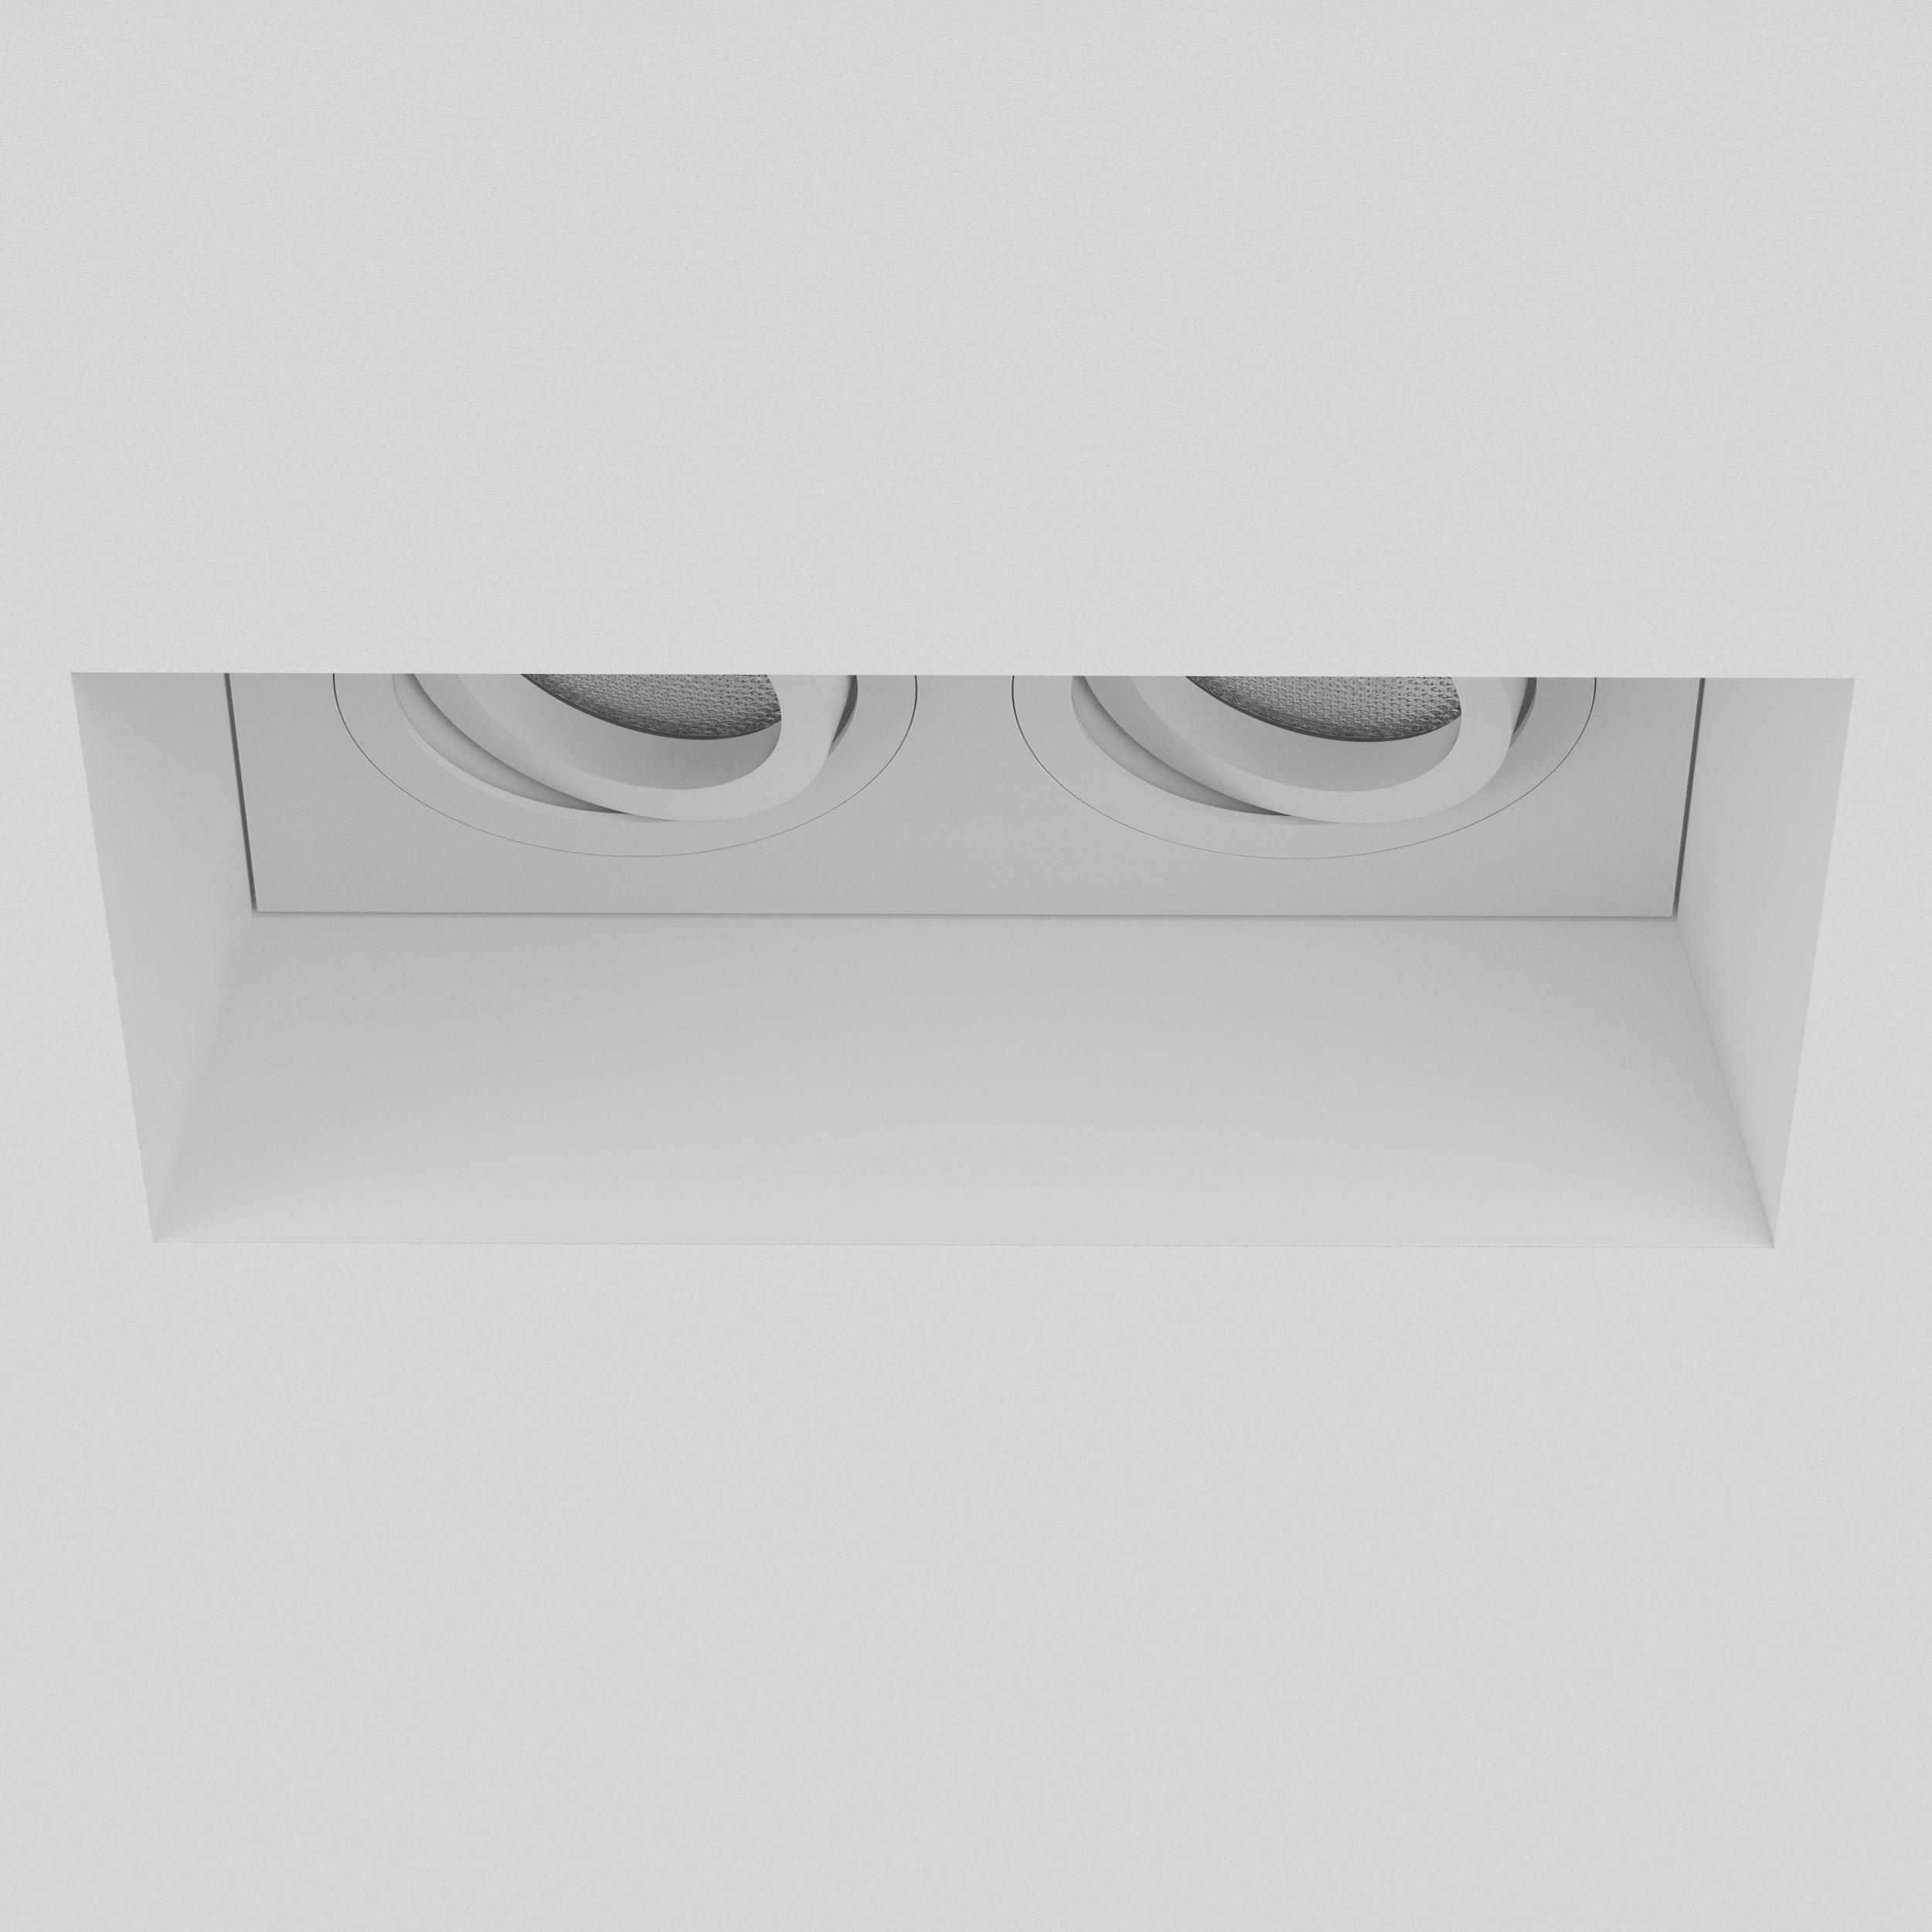 Встраиваемый светильник Astro Blanco 1253006 (7344), 2xGU10x50W, белый, под покраску, гипс, металл - фото 4